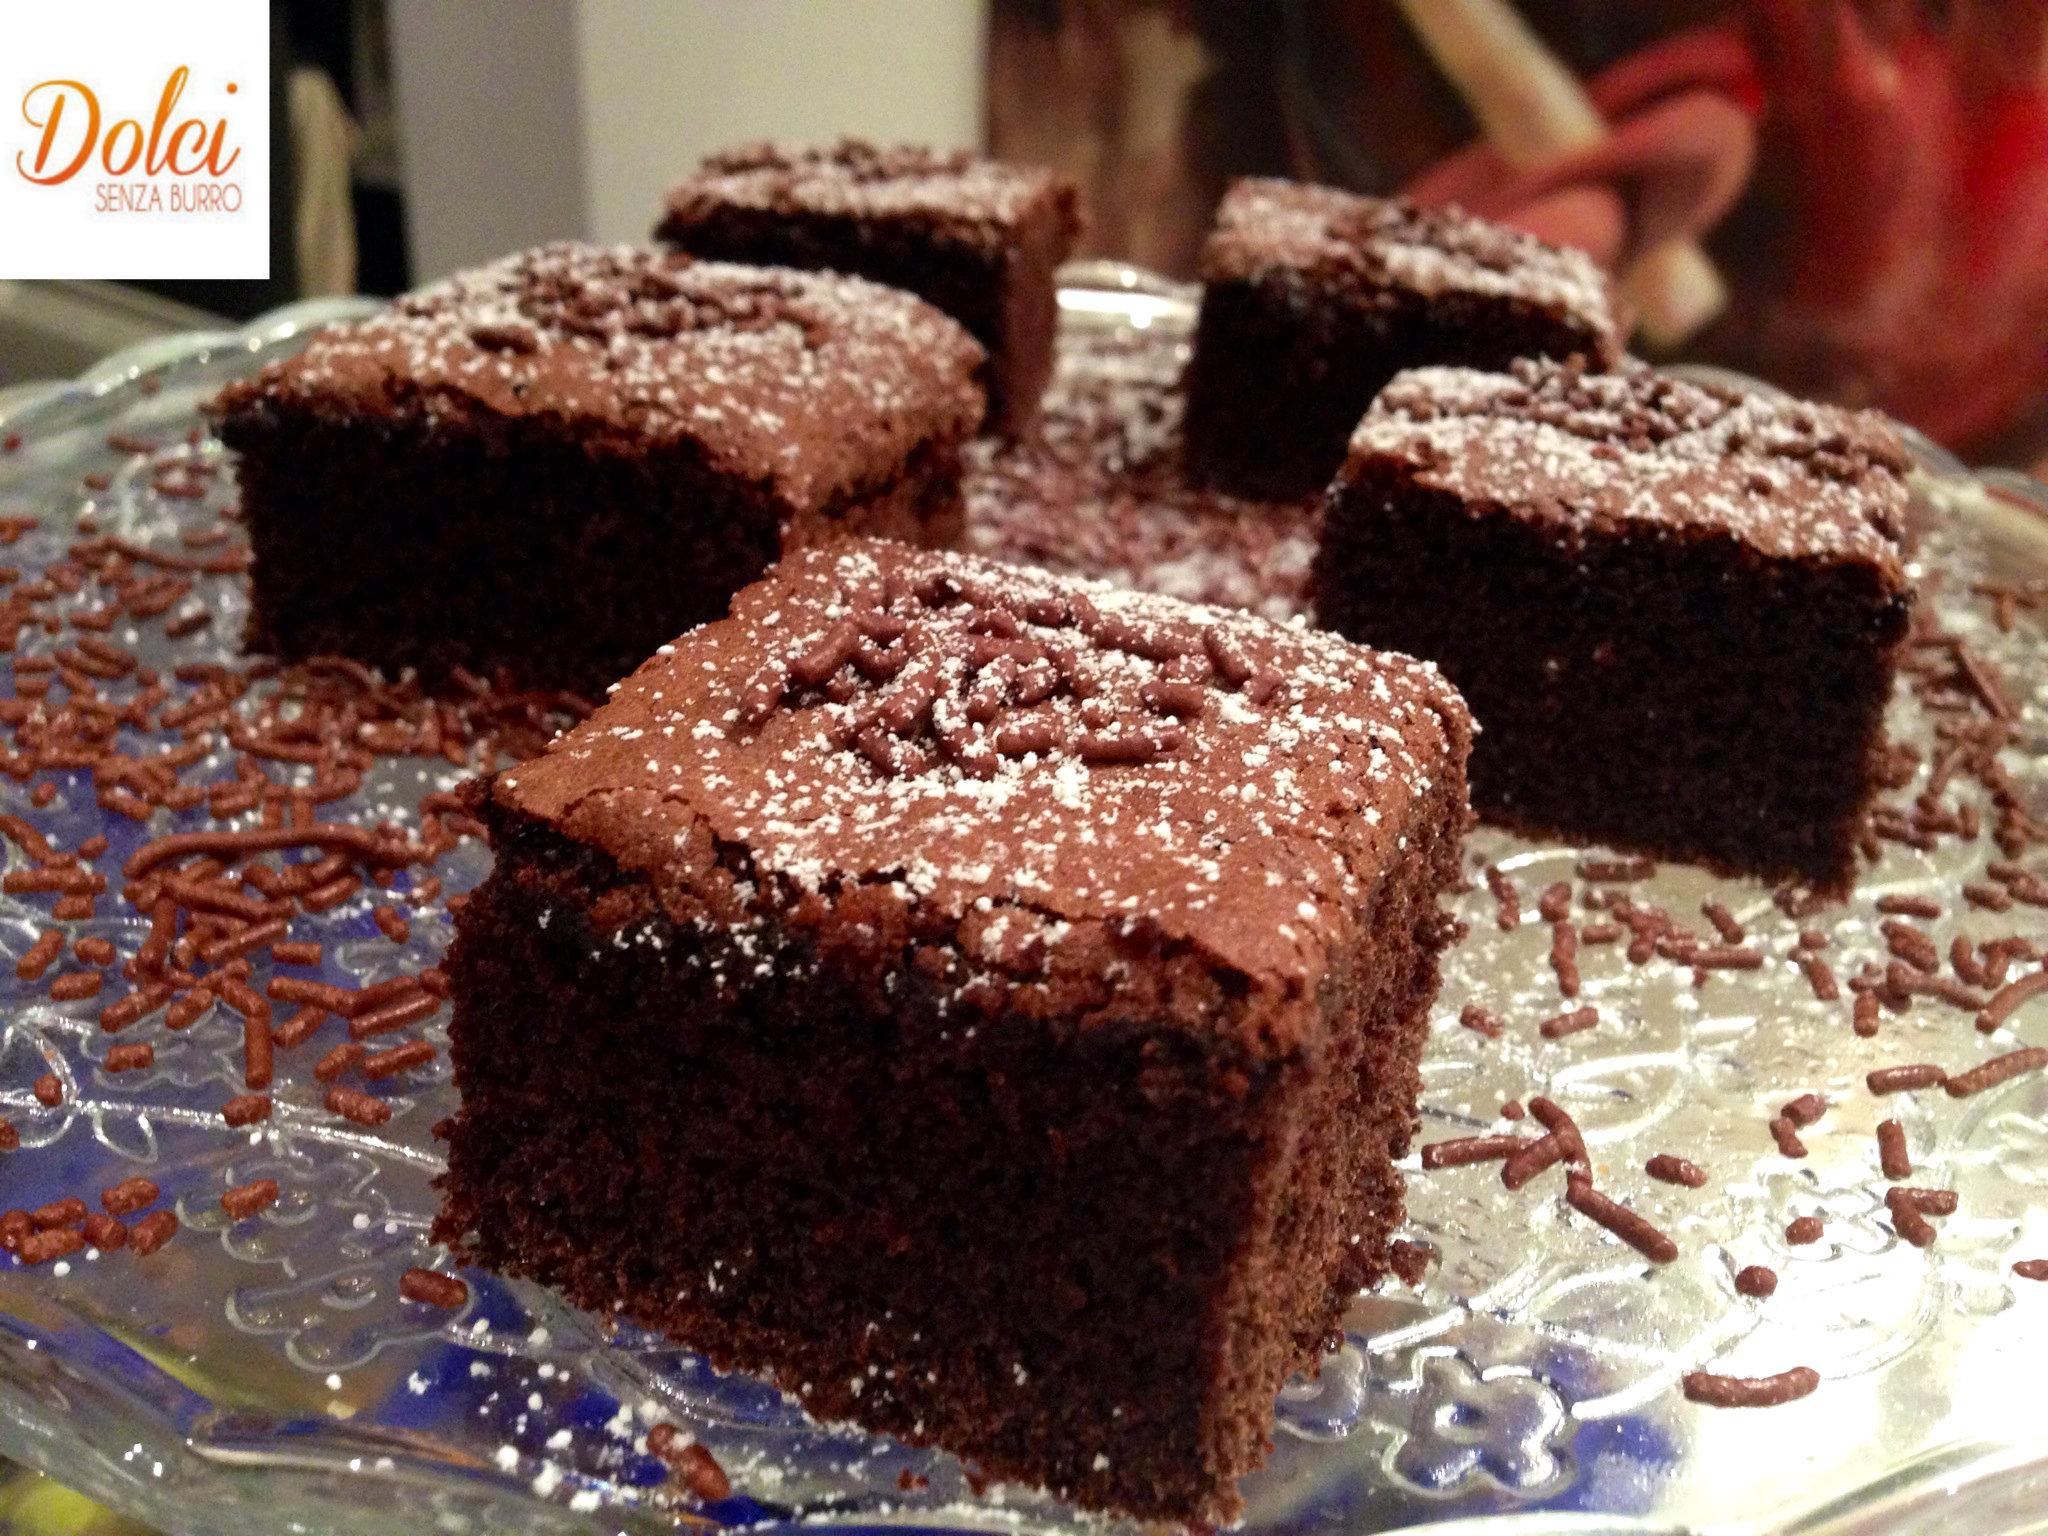 La Torta al Caffè e Cioccolato Senza Burro un dolce goloso e leggero di dolci senza burro